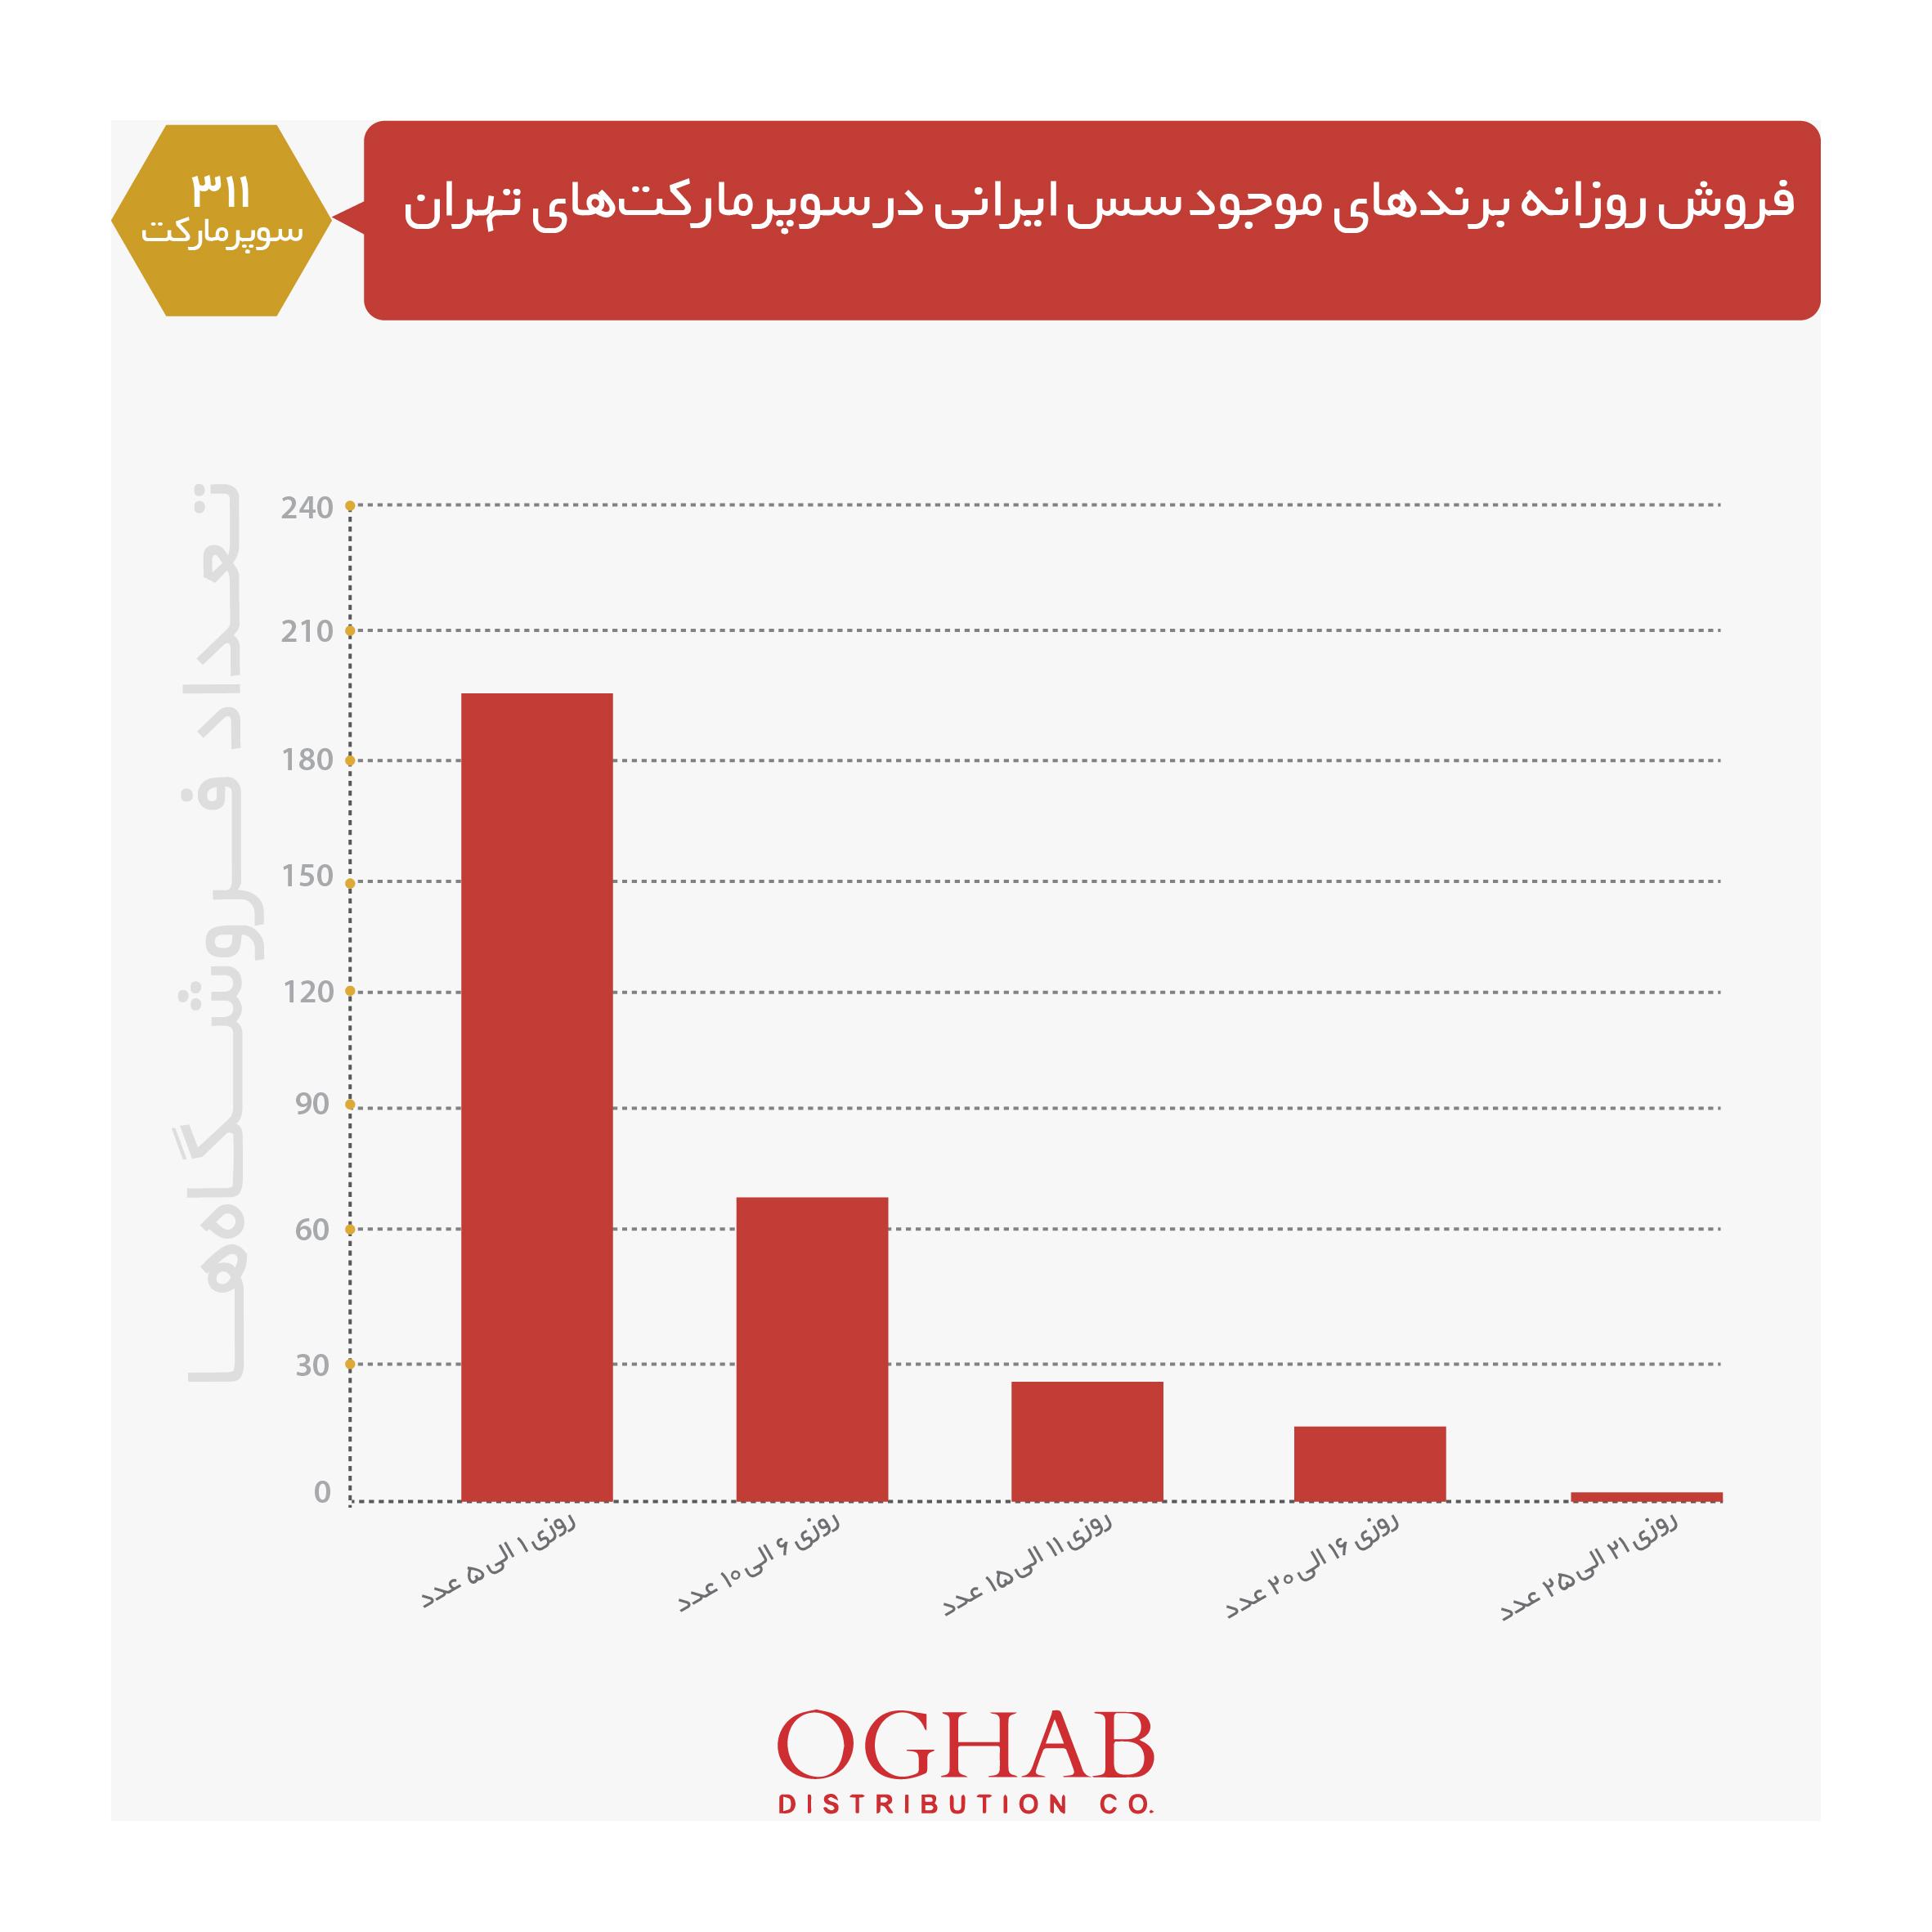 میزان فروش سس ایرانی در سوپرمارکتهای تهران